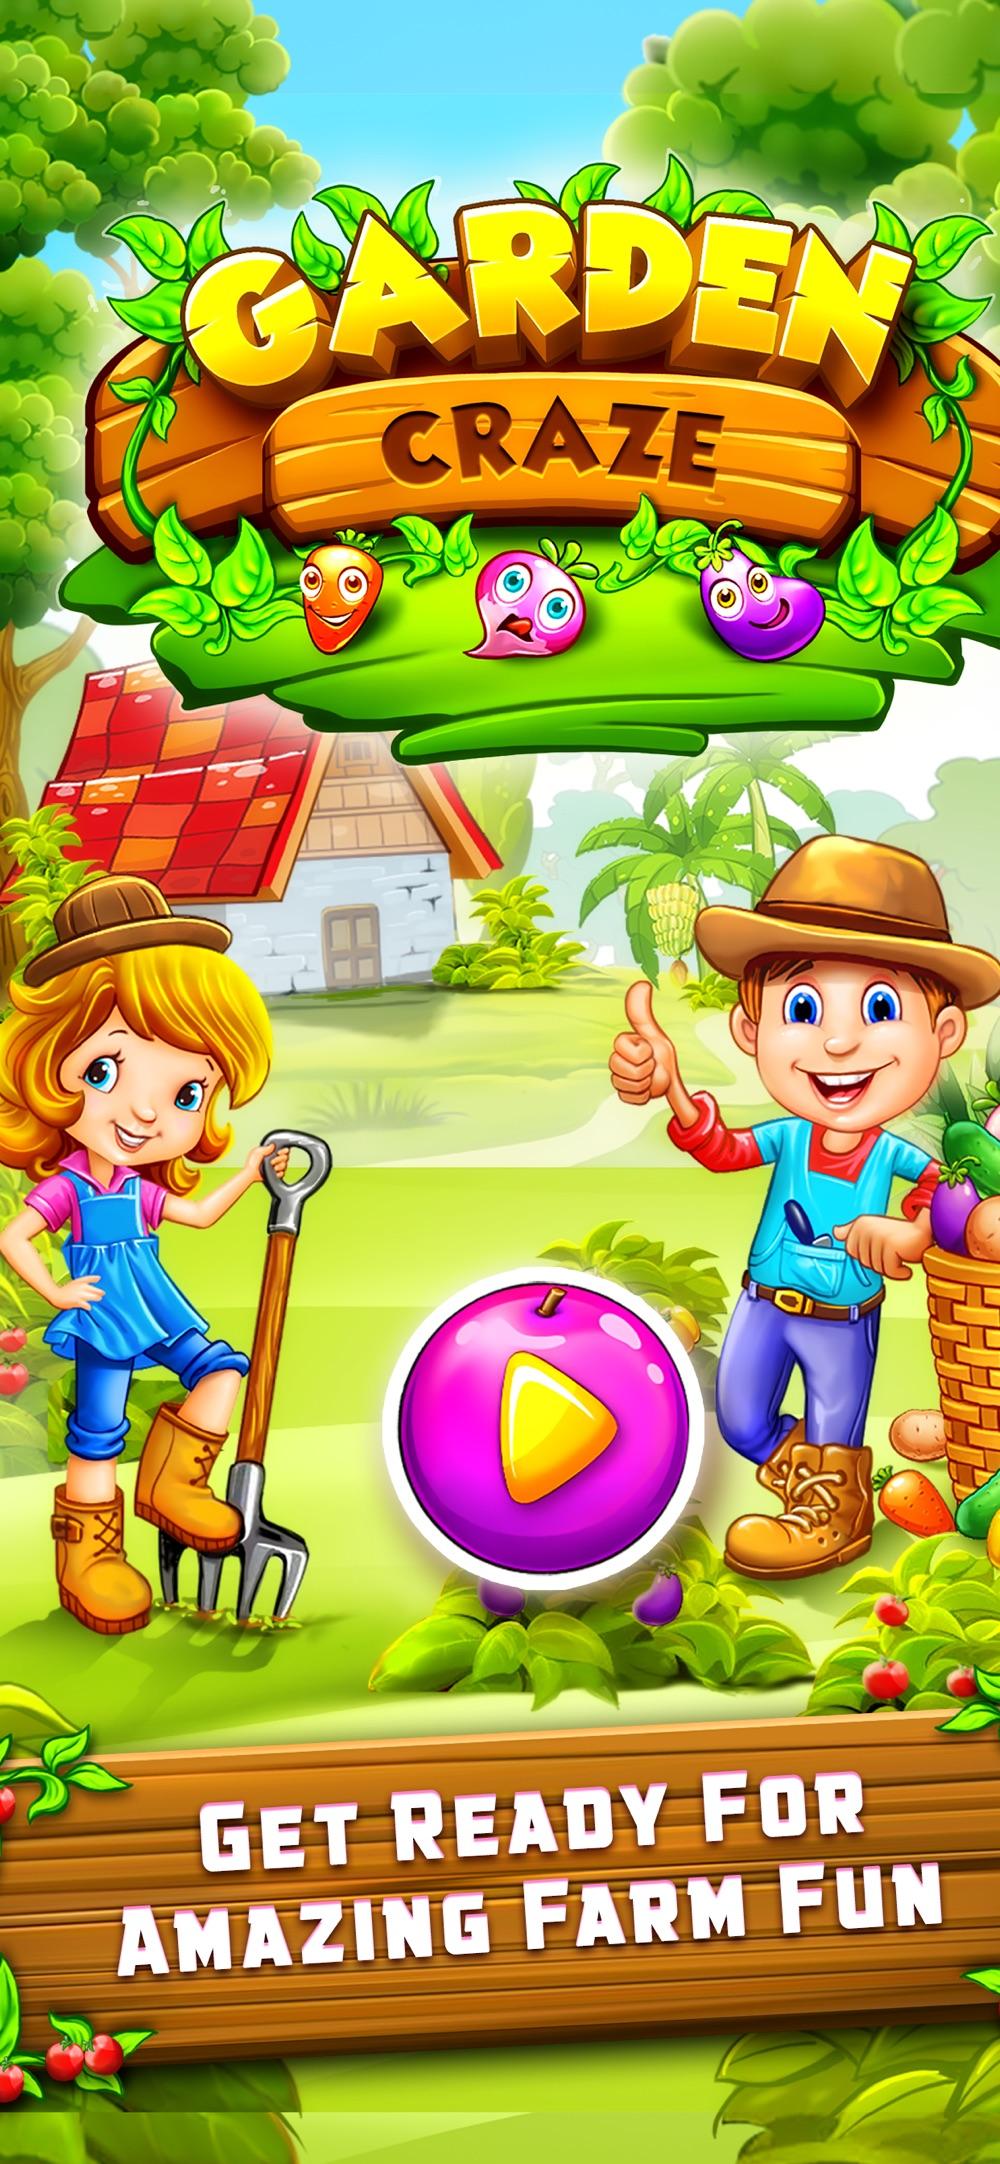 Garden Craze – Colorful Quest Cheat Codes